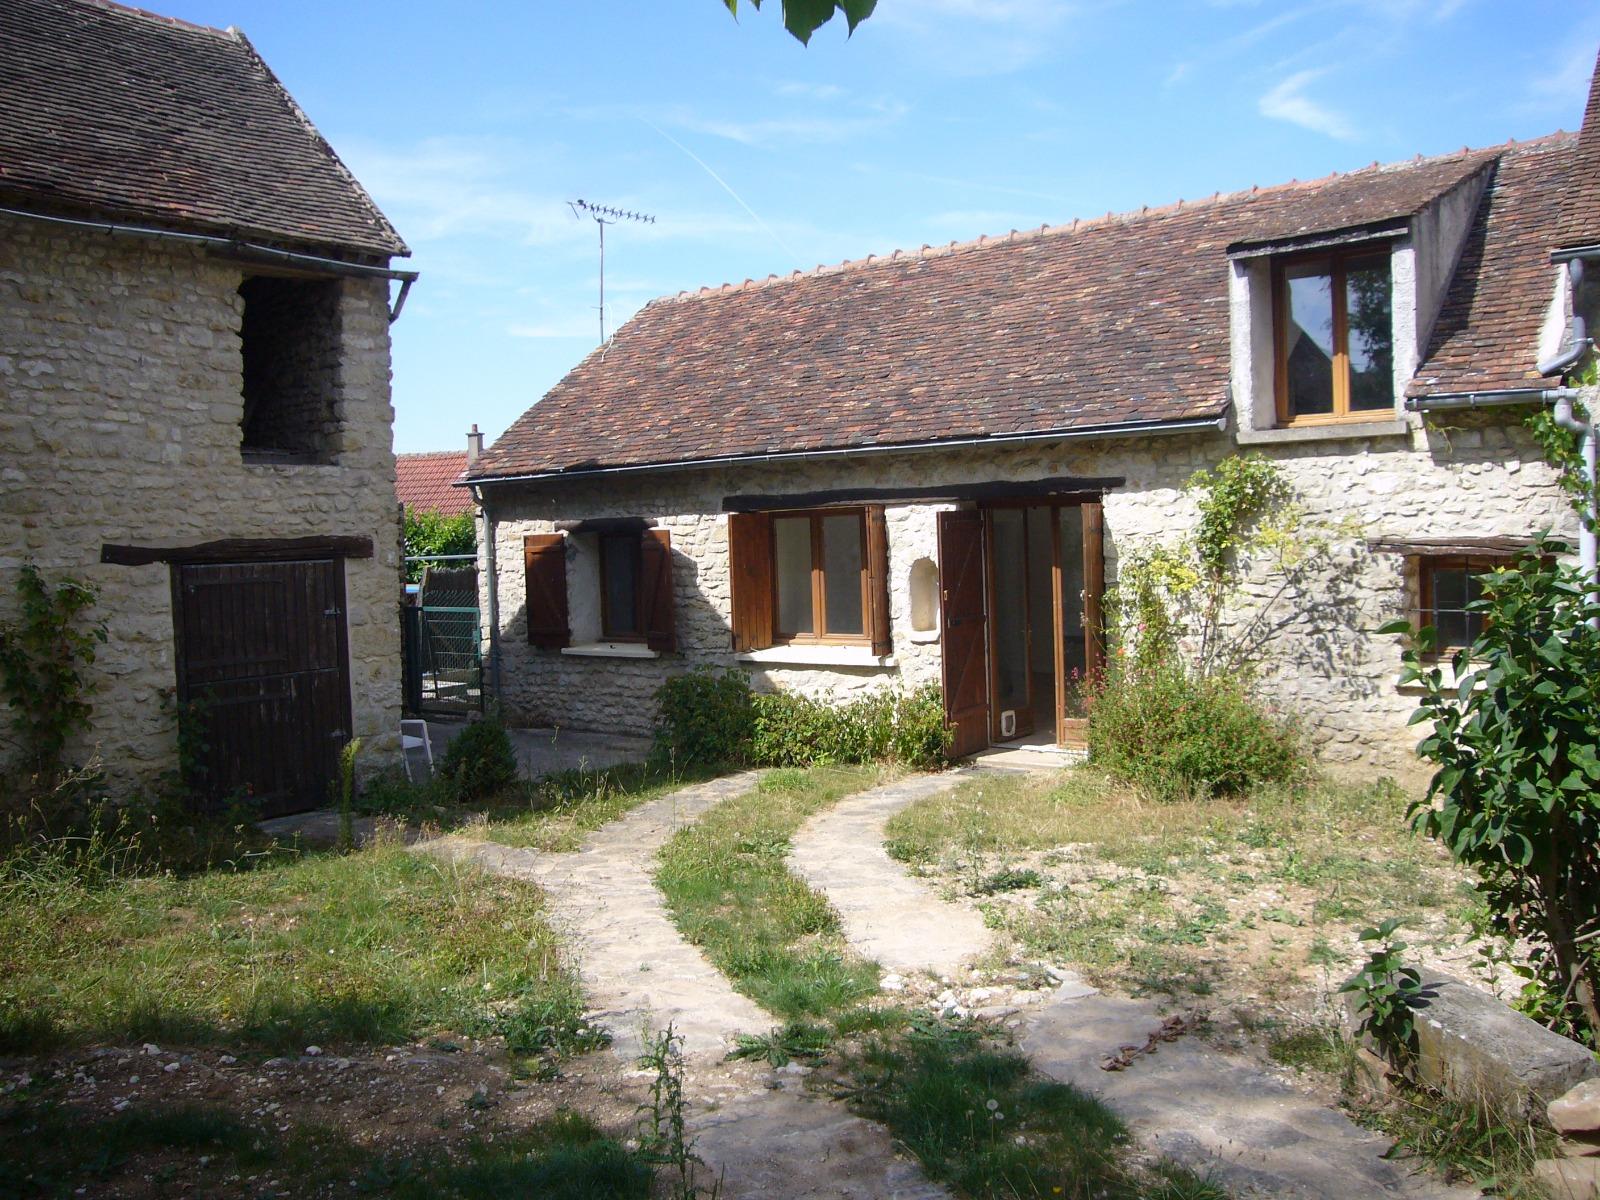 Milly la for t 20 minutes sud ouest charmante maison for Valeur maison ancienne